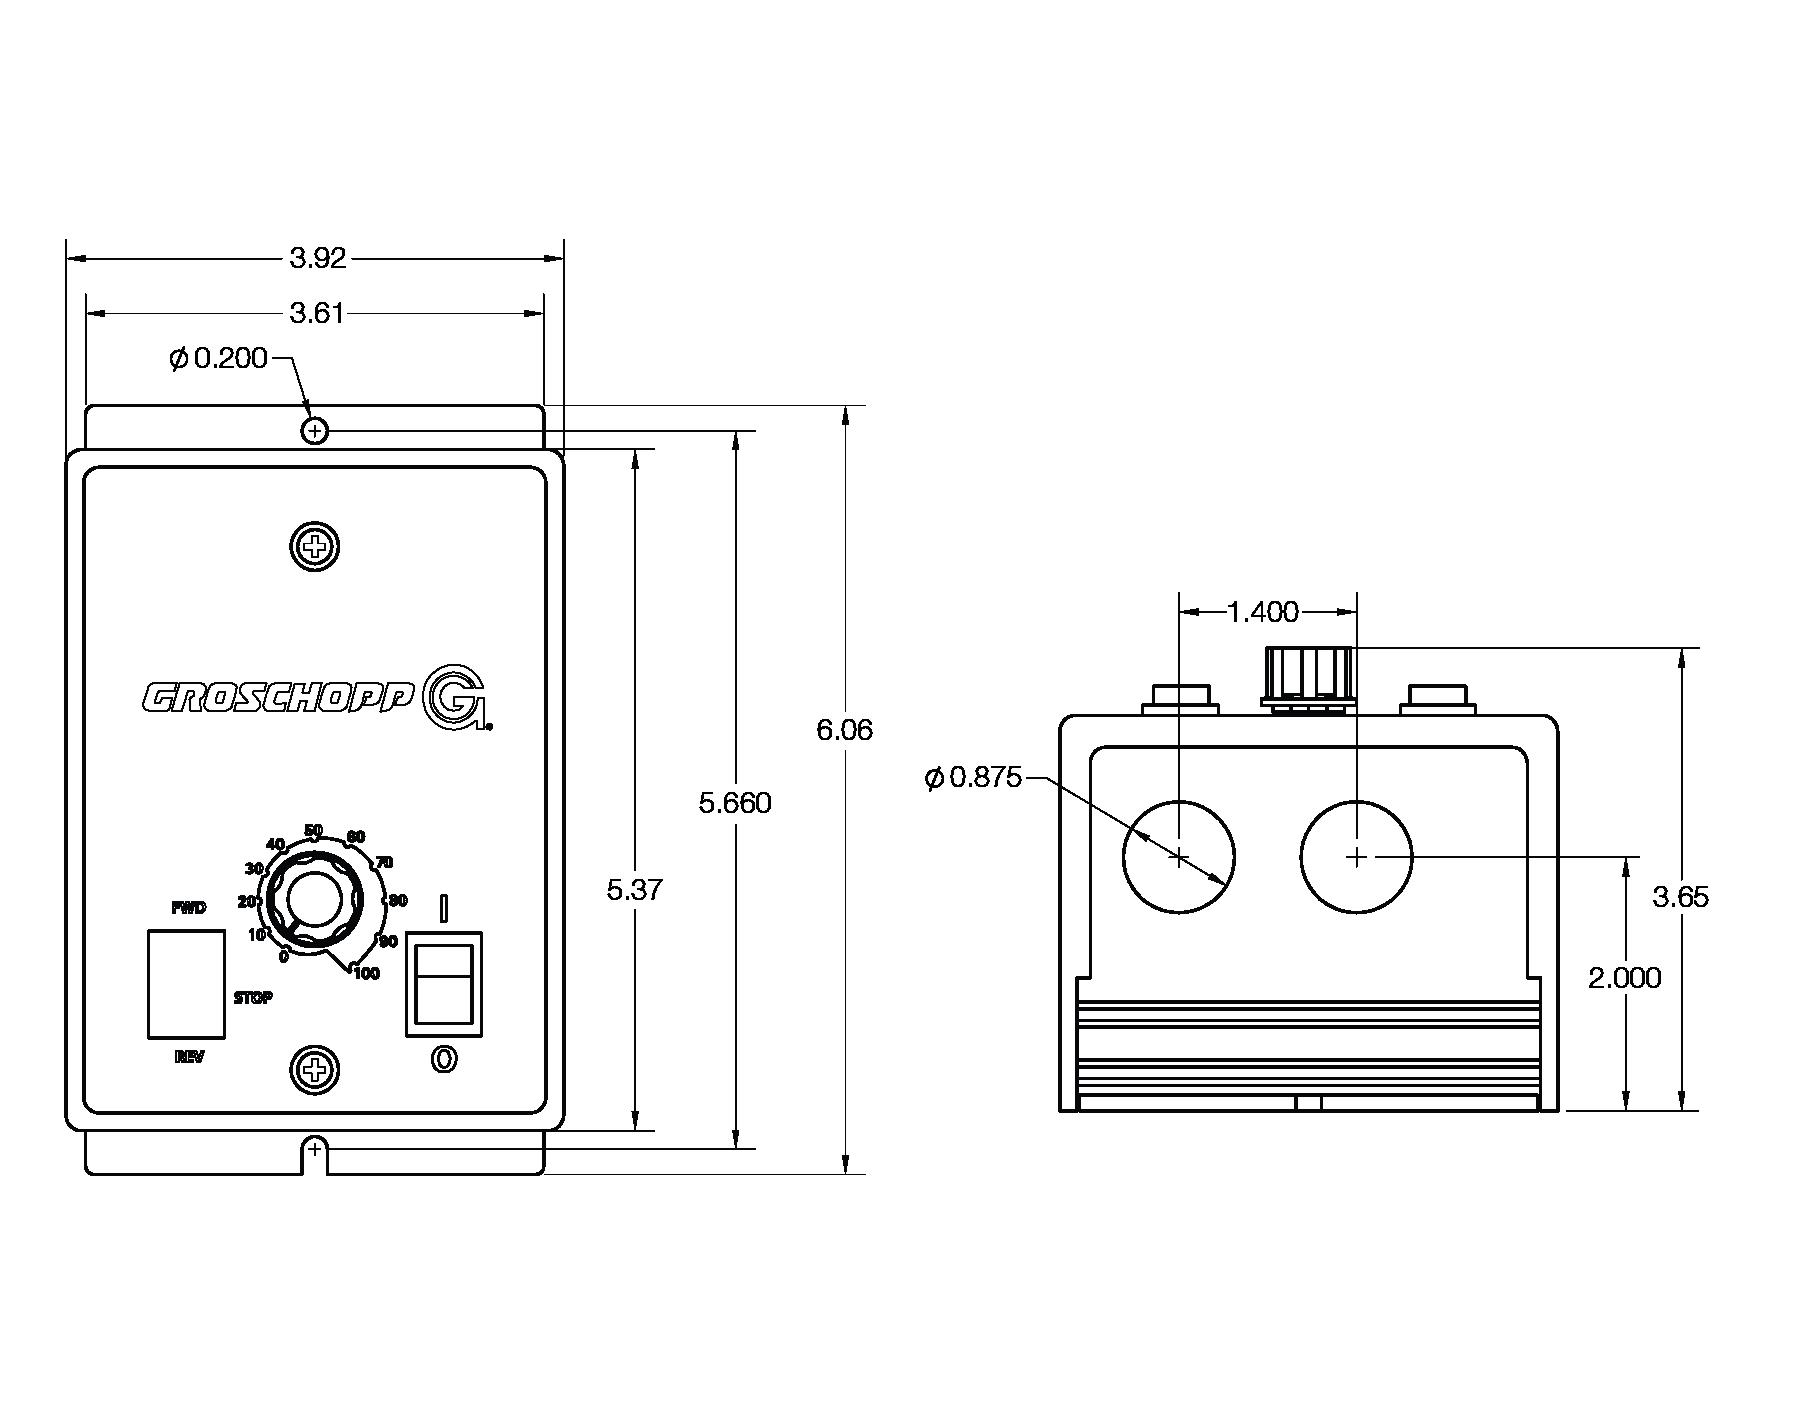 Vem Motor Wiring Diagram : Vem motor wiring diagram bgp